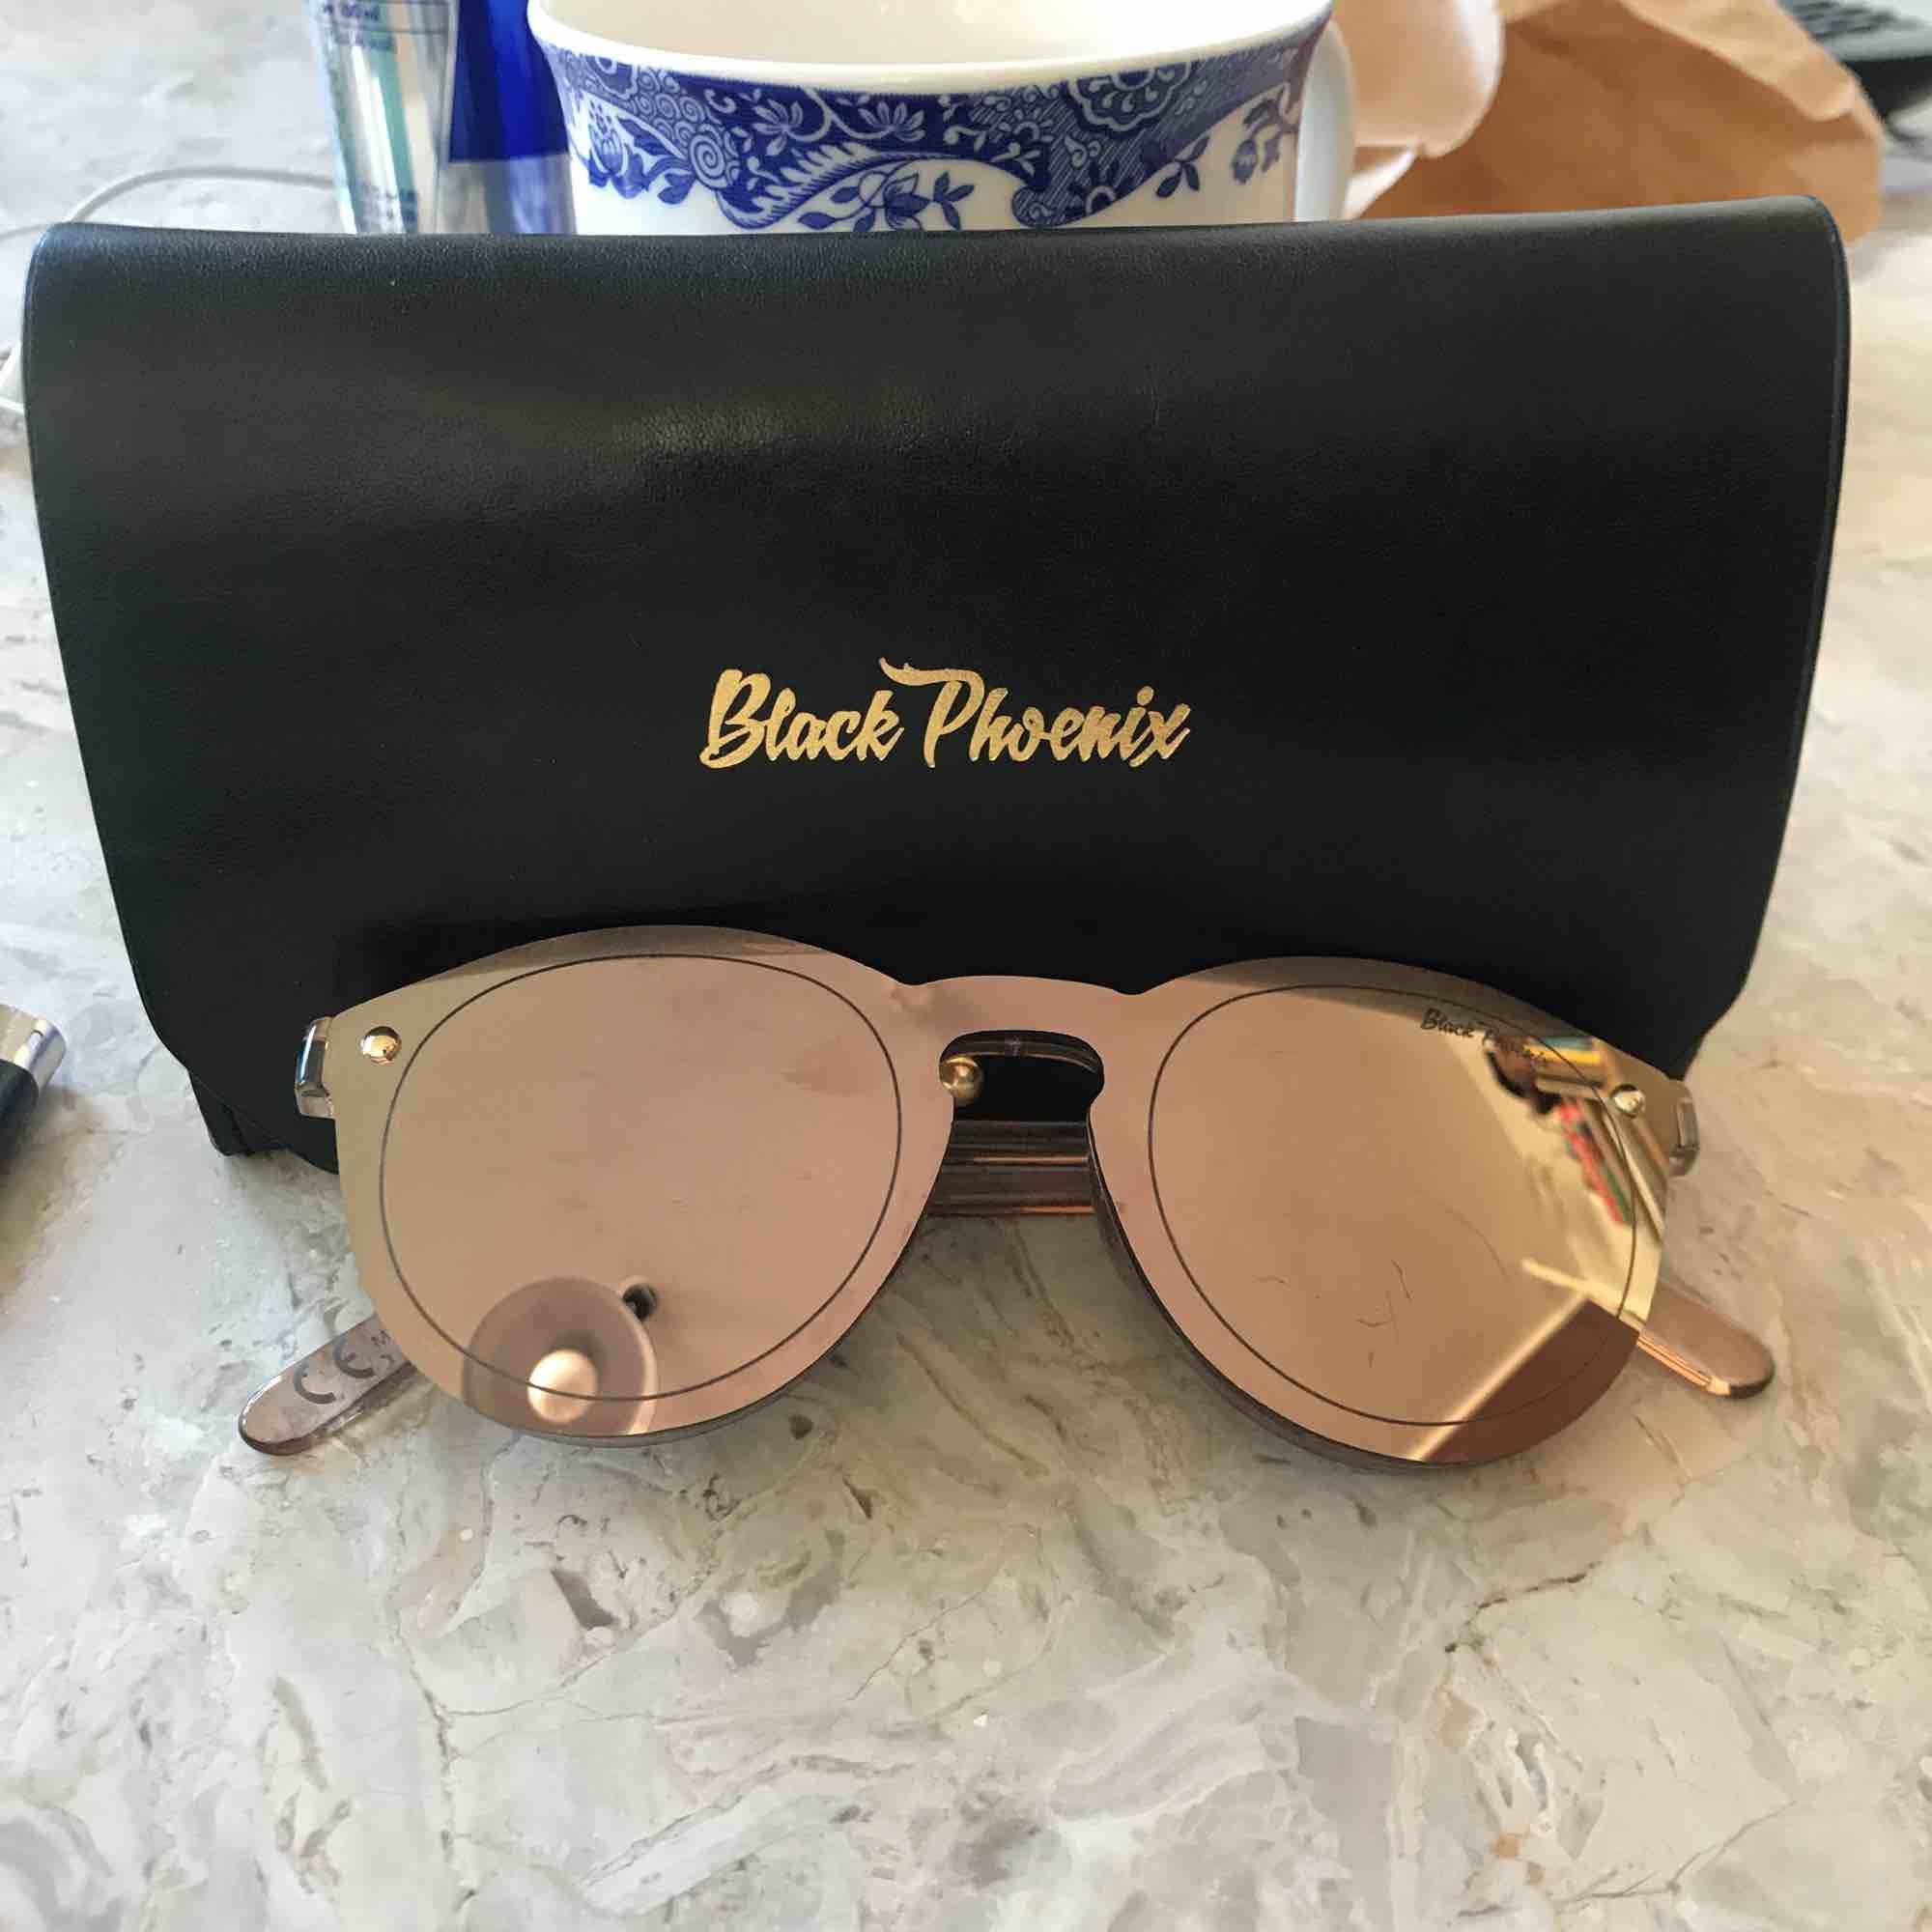 Solglasögon från Black Phoenix. Roseguld. Accessoarer.